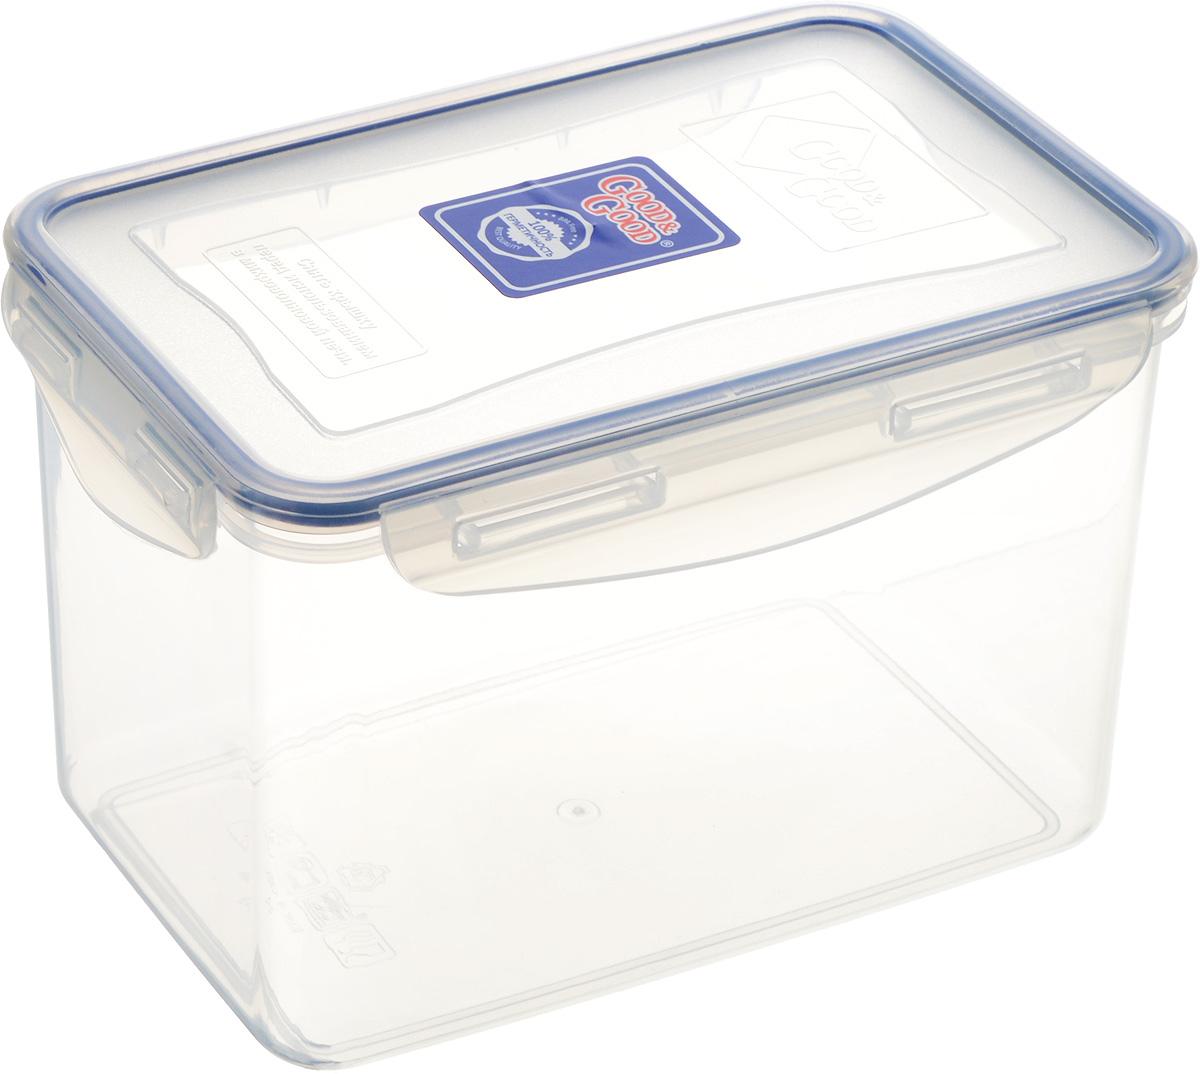 Контейнер пищевой Good&Good, цвет: прозрачный, темно-синий, 2,2 л контейнер пищевой good